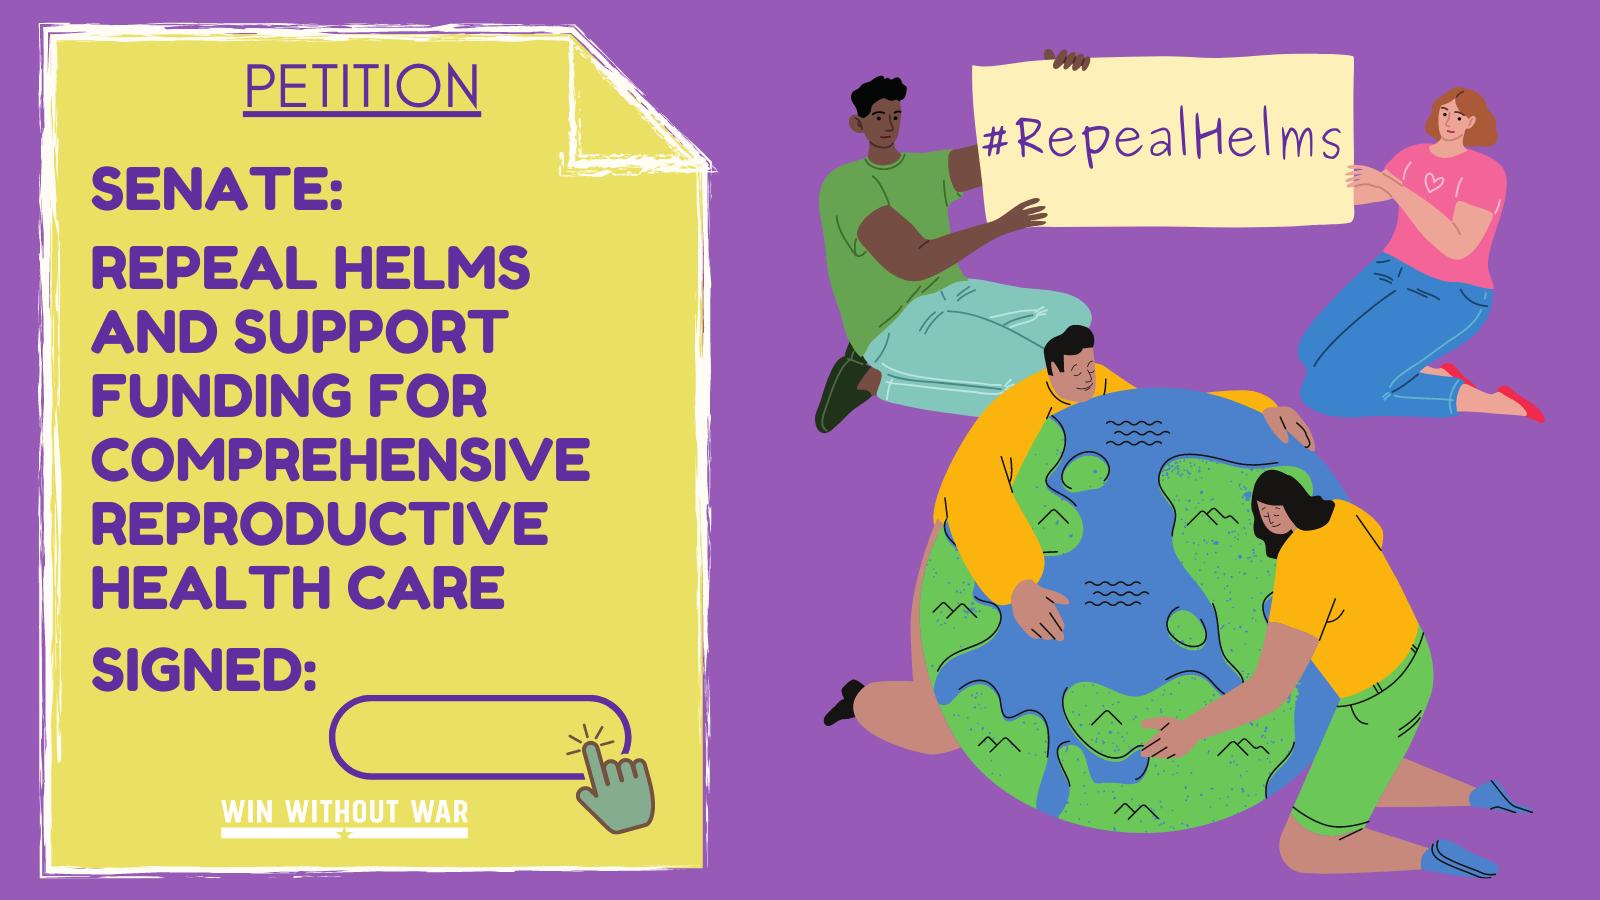 Senate: #RepealHelms